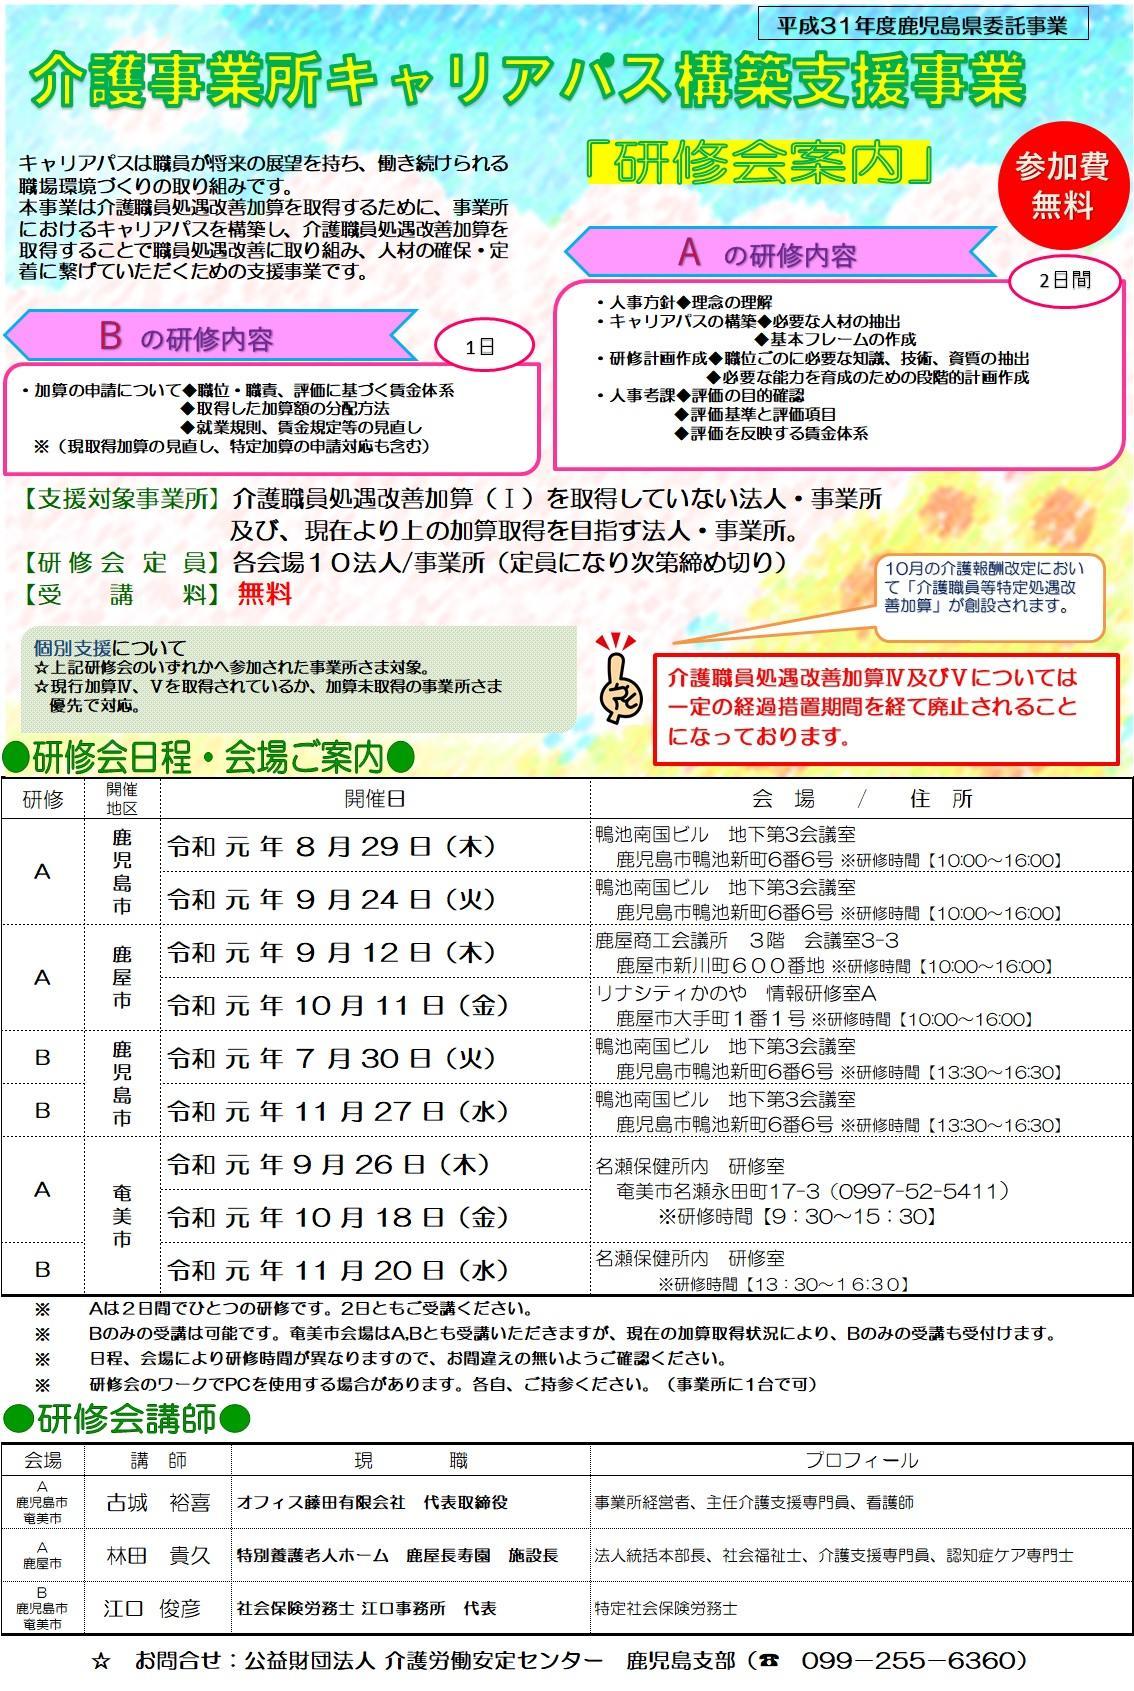 2019年度キャリアパス研修会.jpg